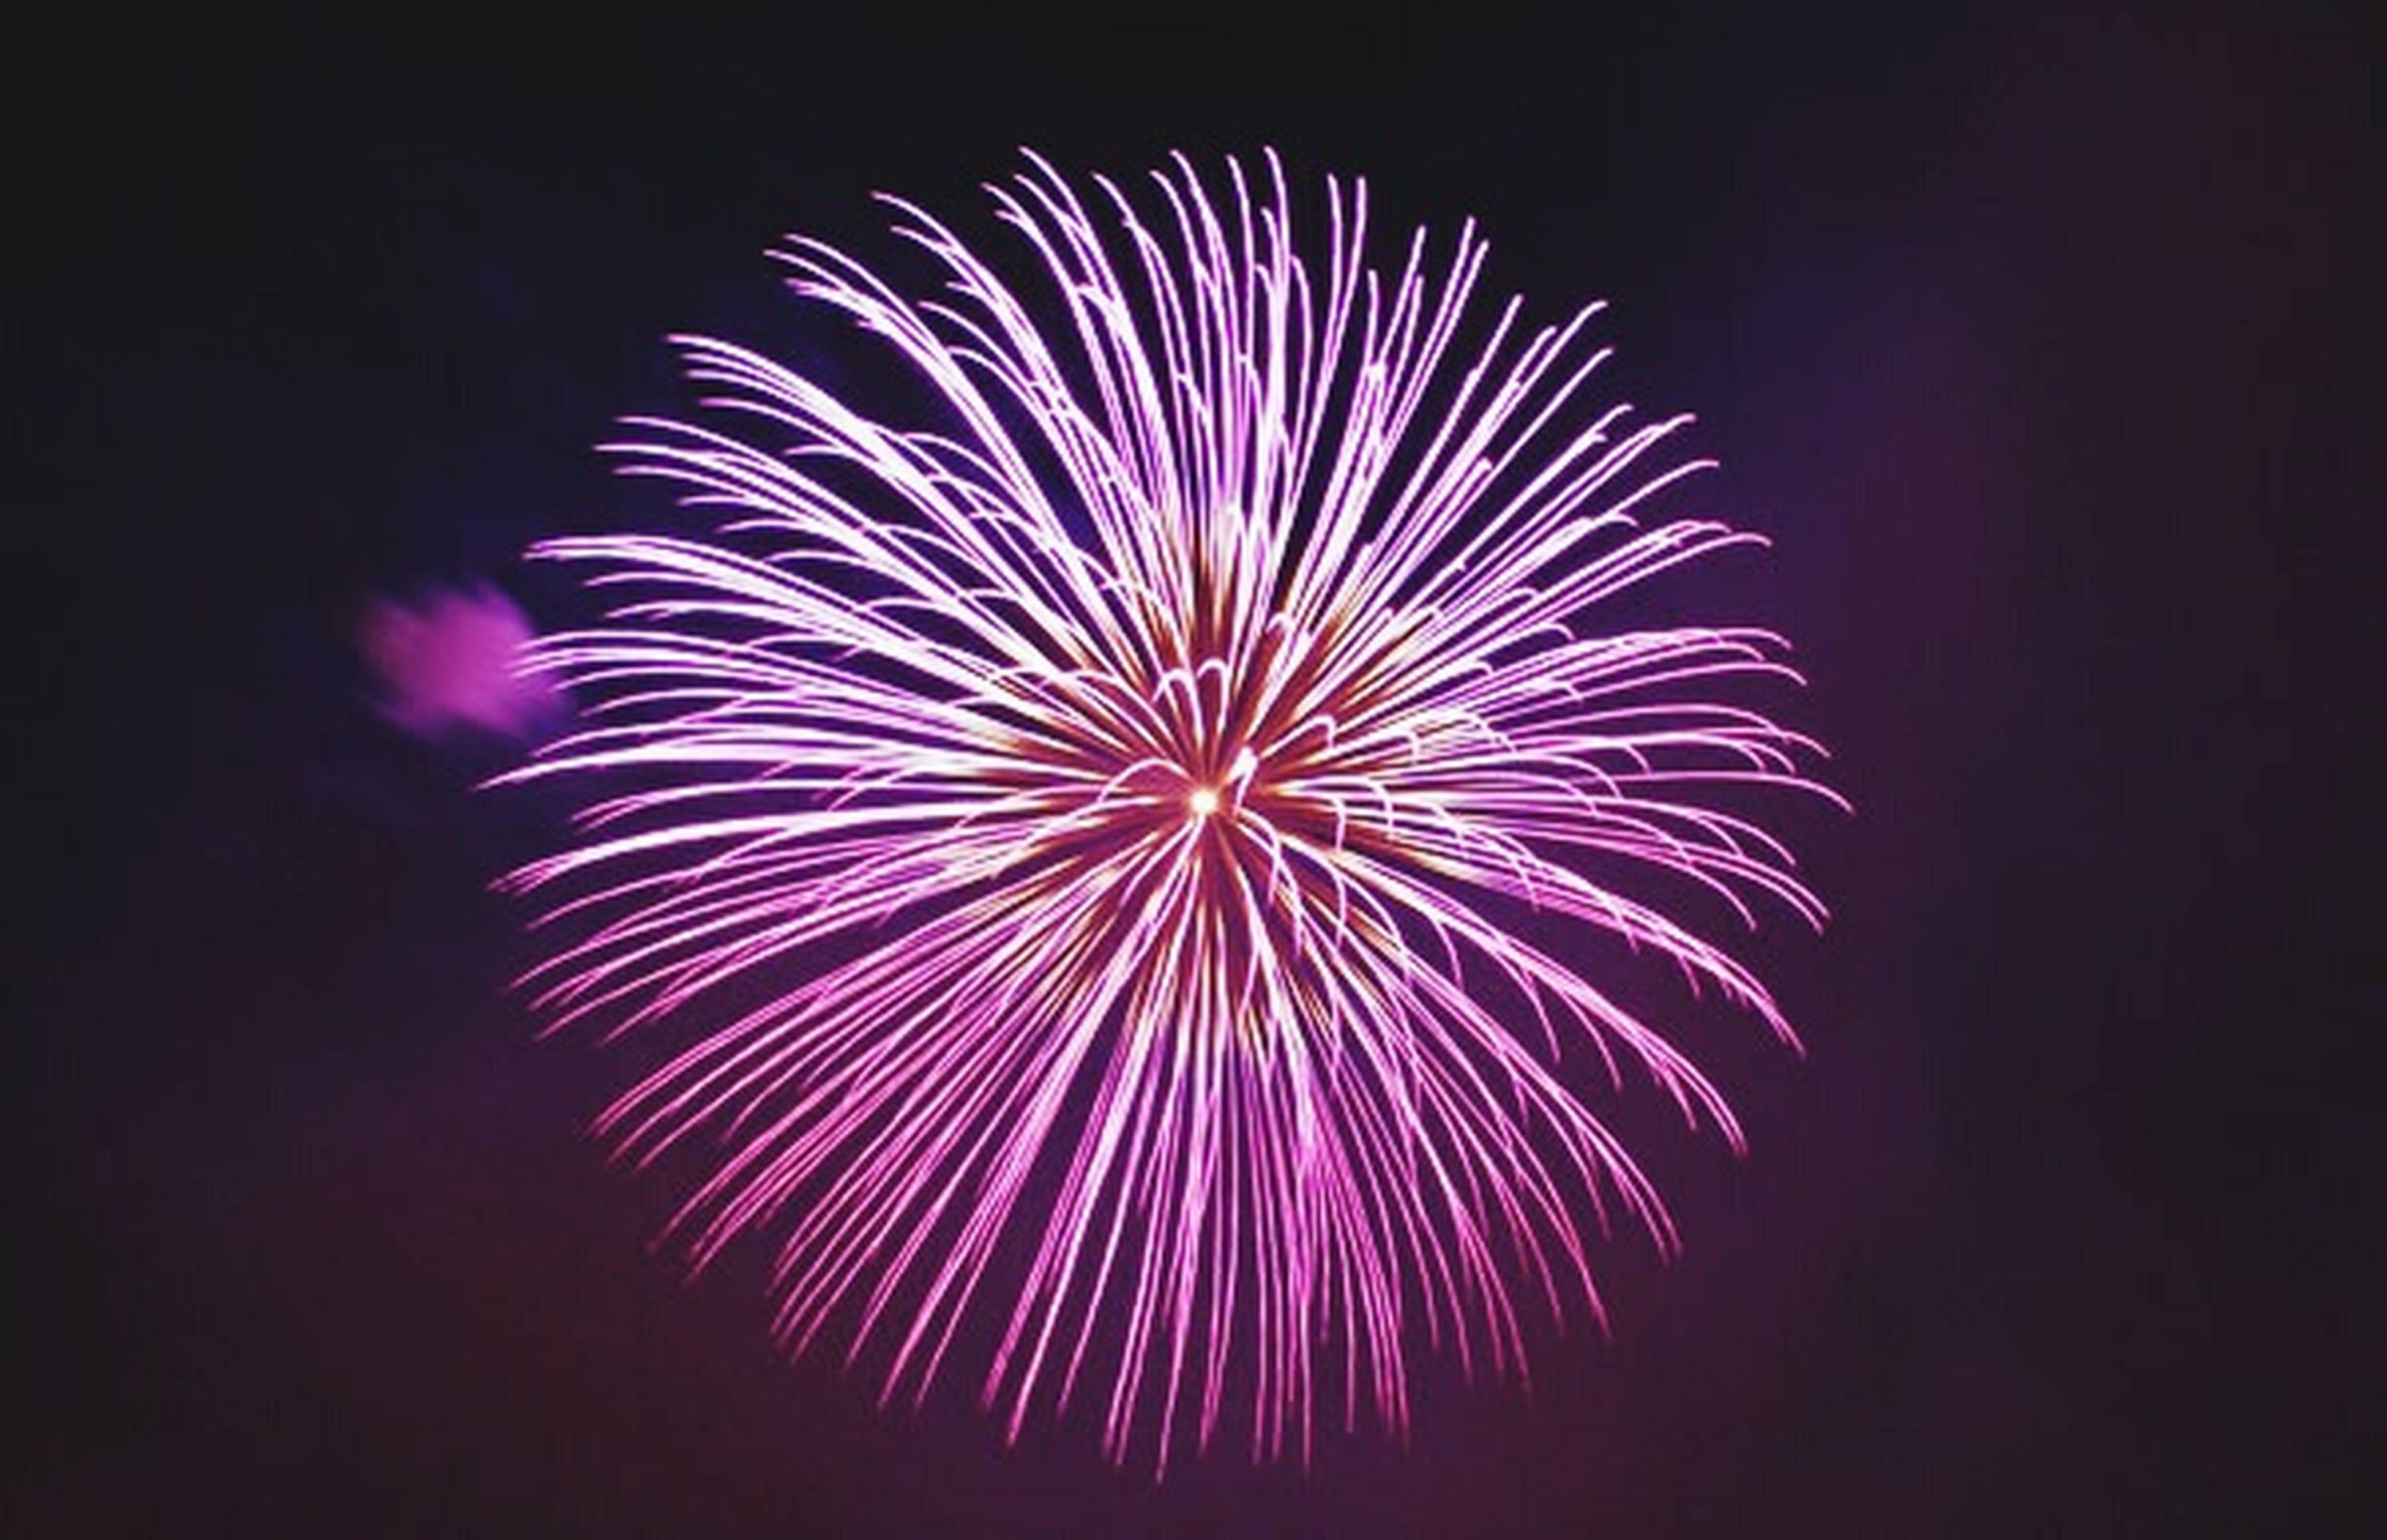 阿賀野川ござれや花火 ようやく見られた夏の風物詩